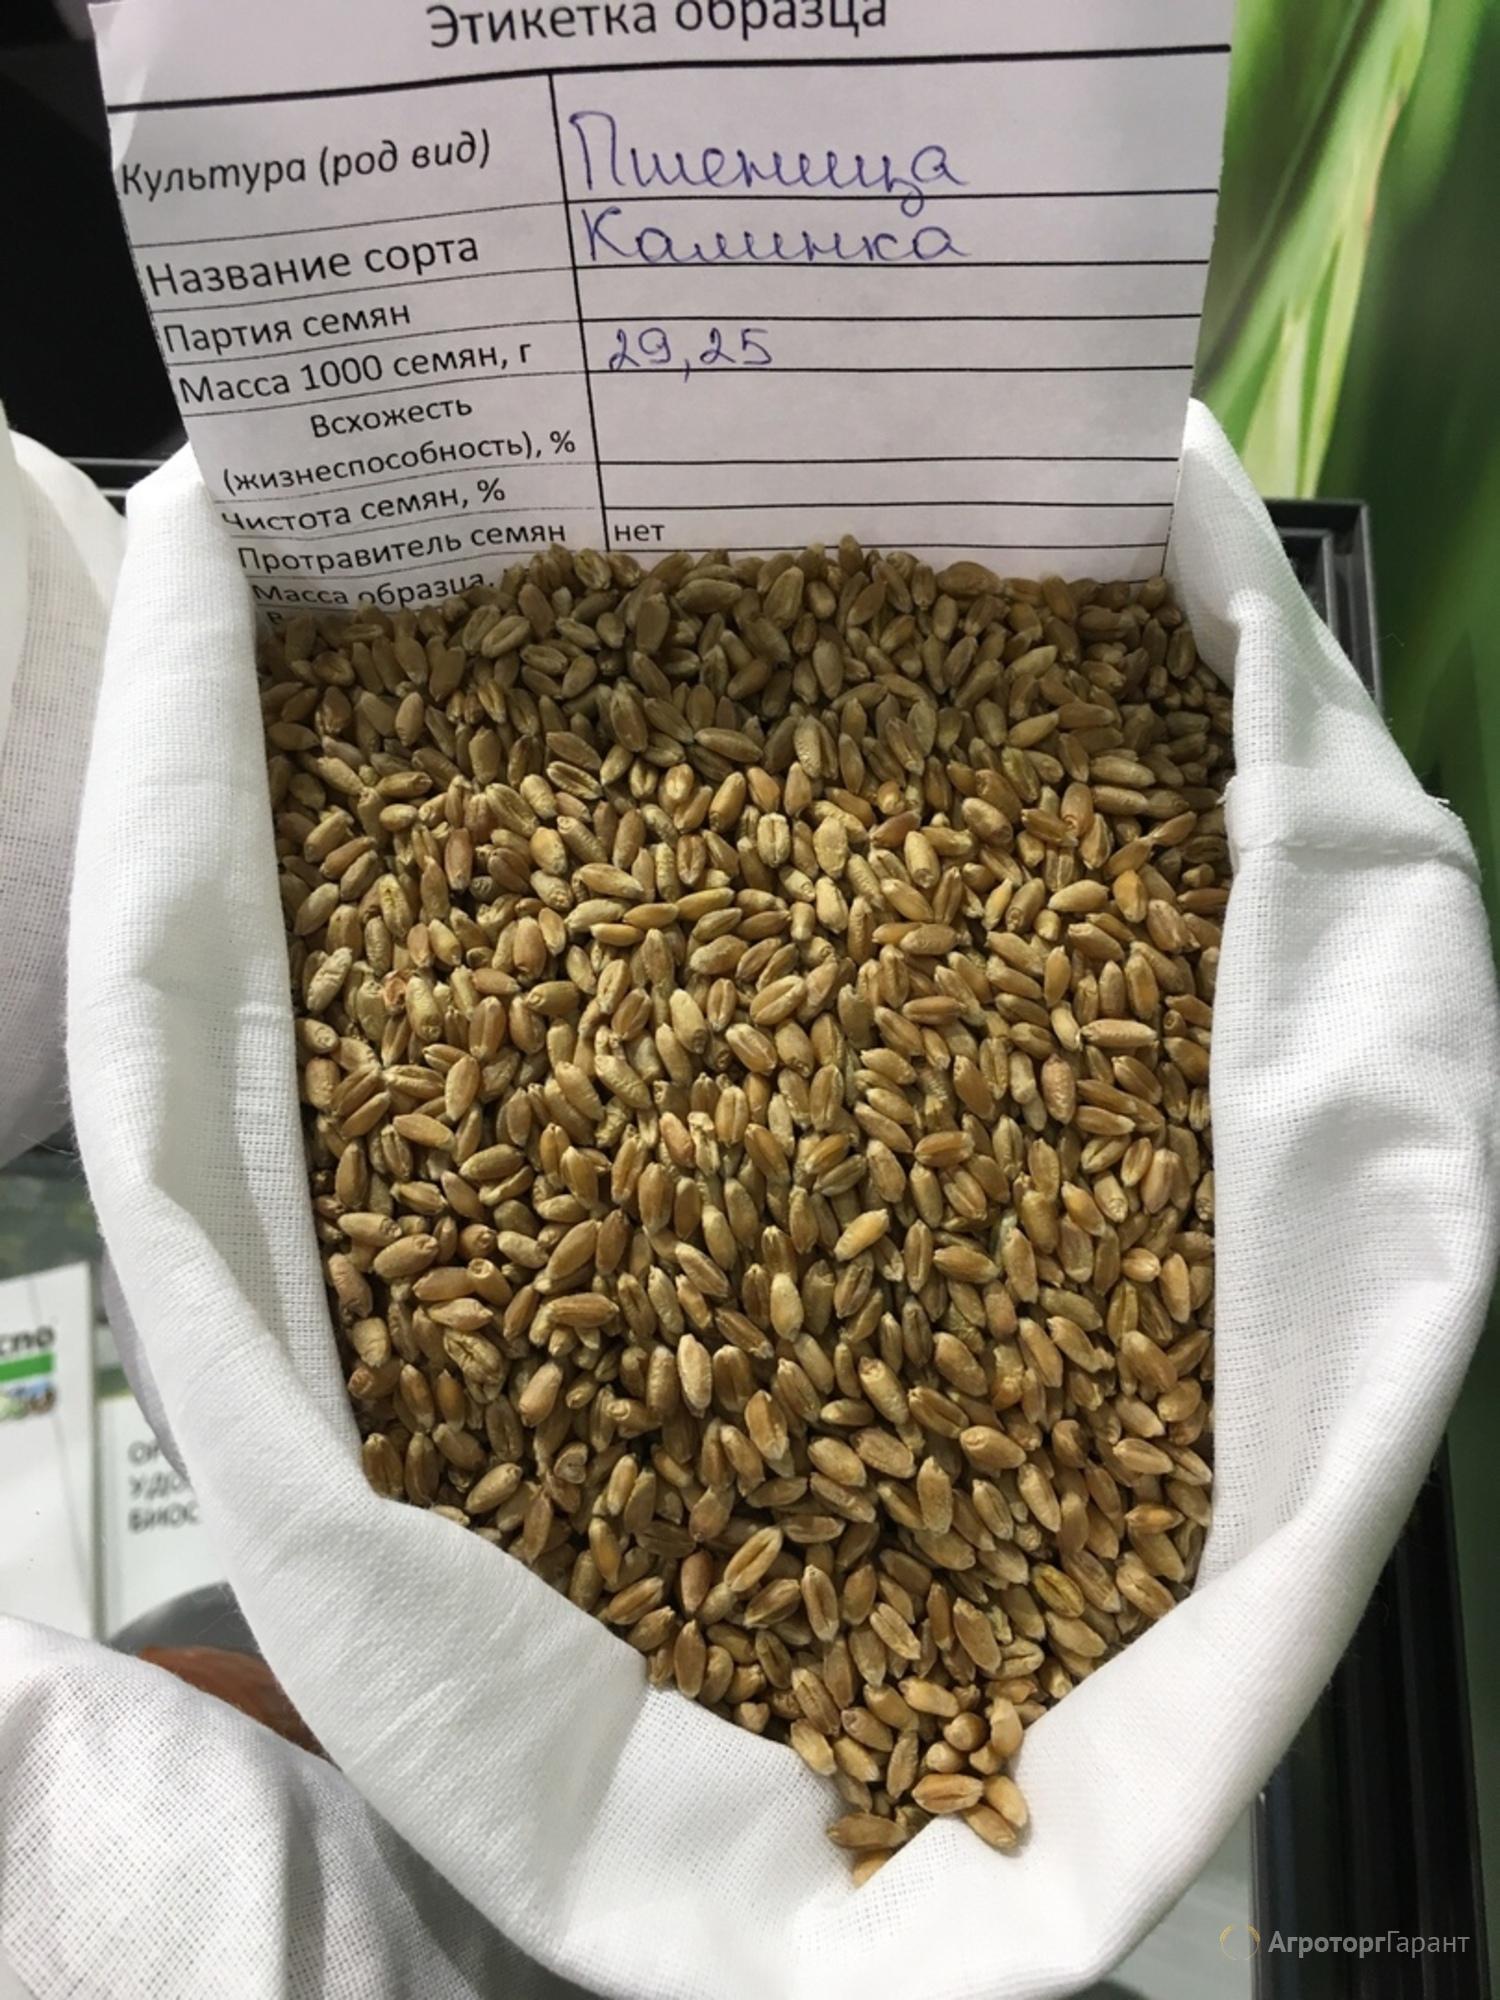 Объявление Мягкая яровая пшеница линия F04-14 в Тюменской области